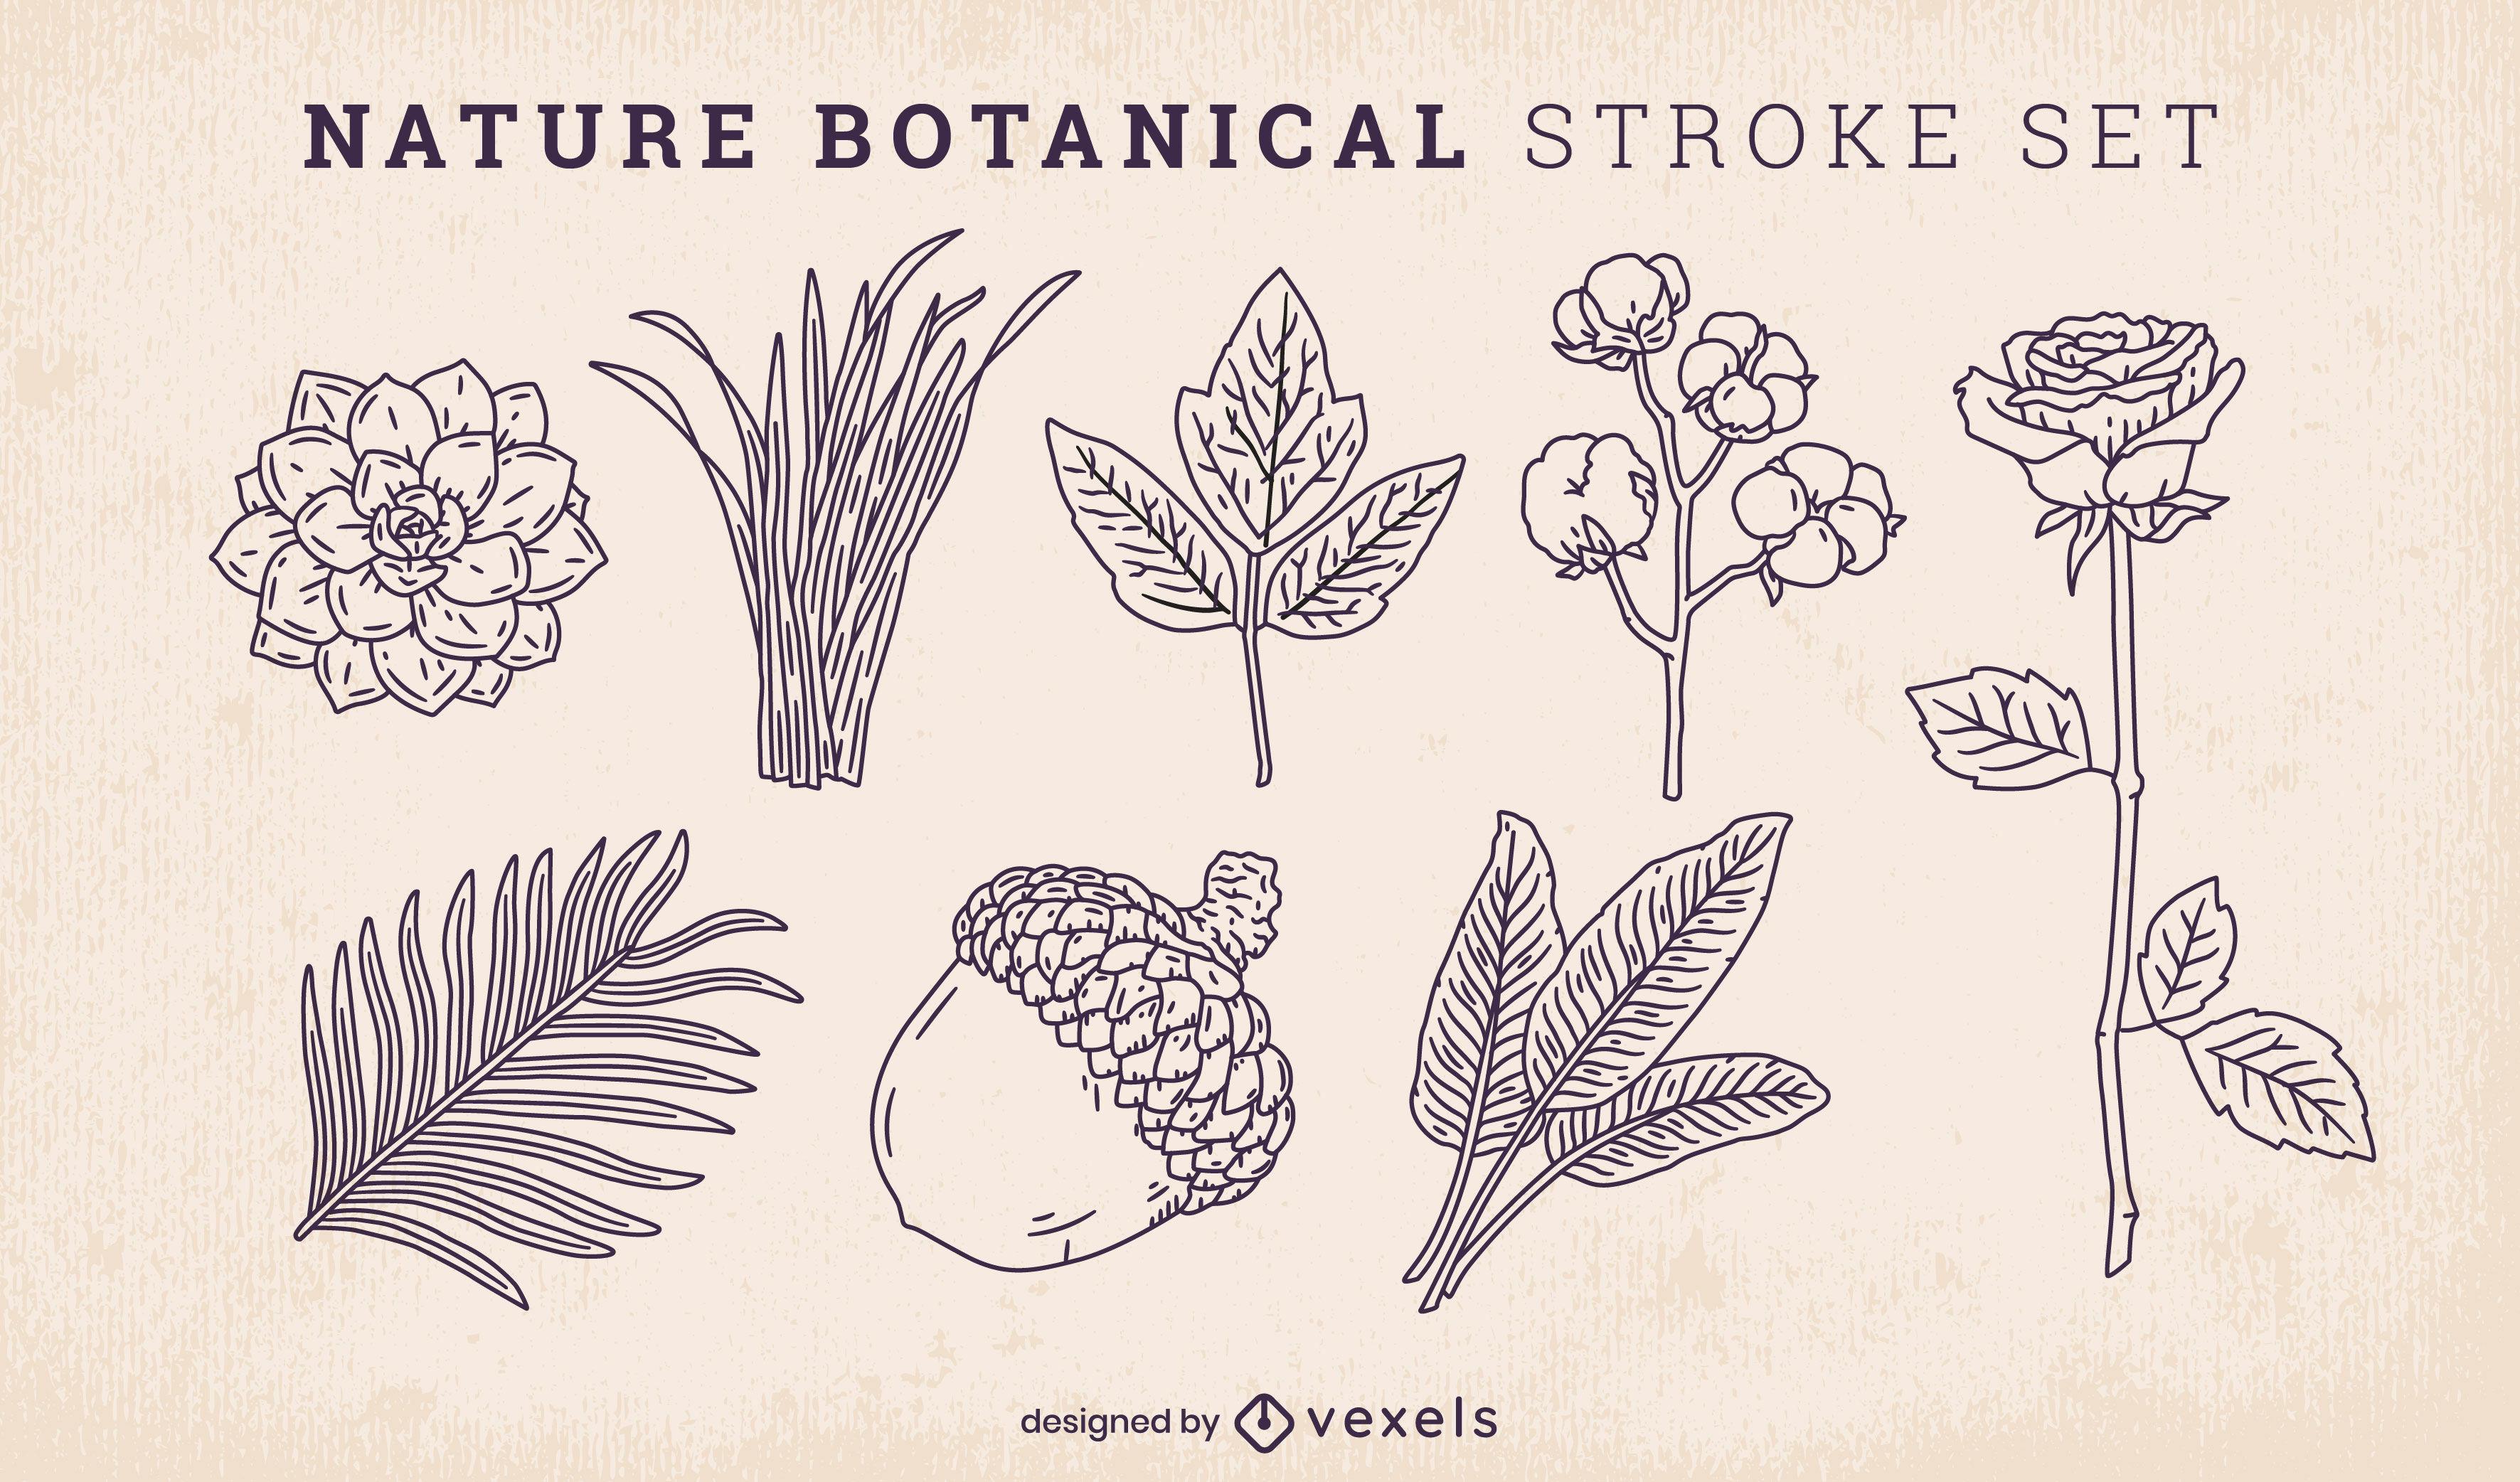 Hojas naturales y conjunto de trazos botánicos.